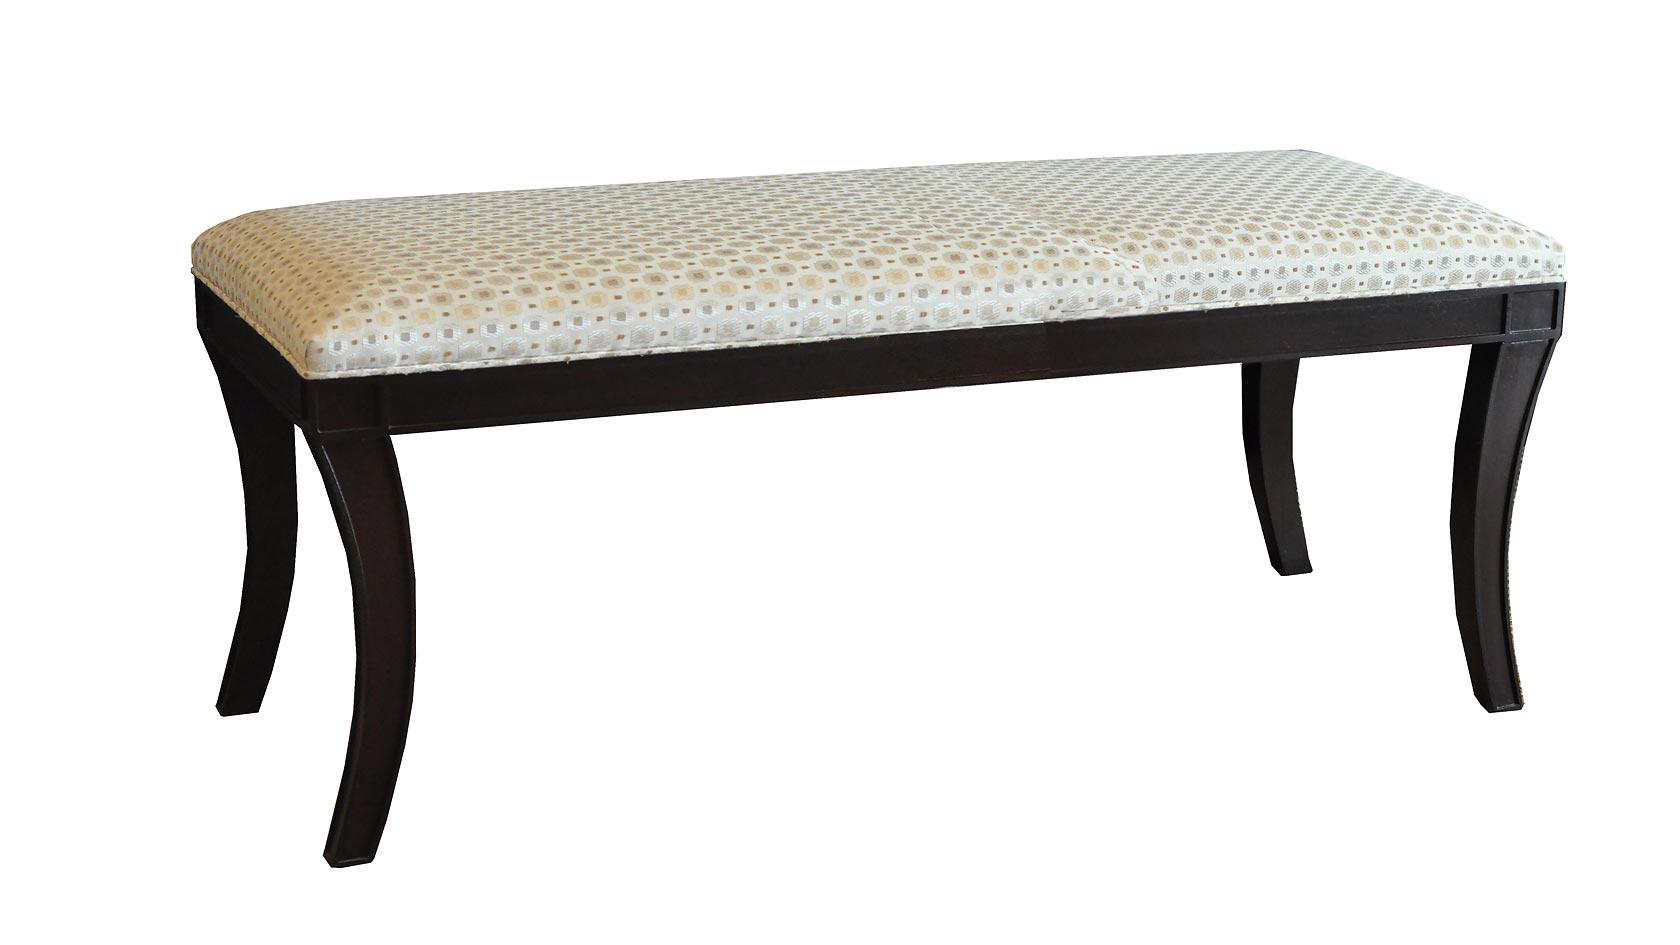 saber leg bench